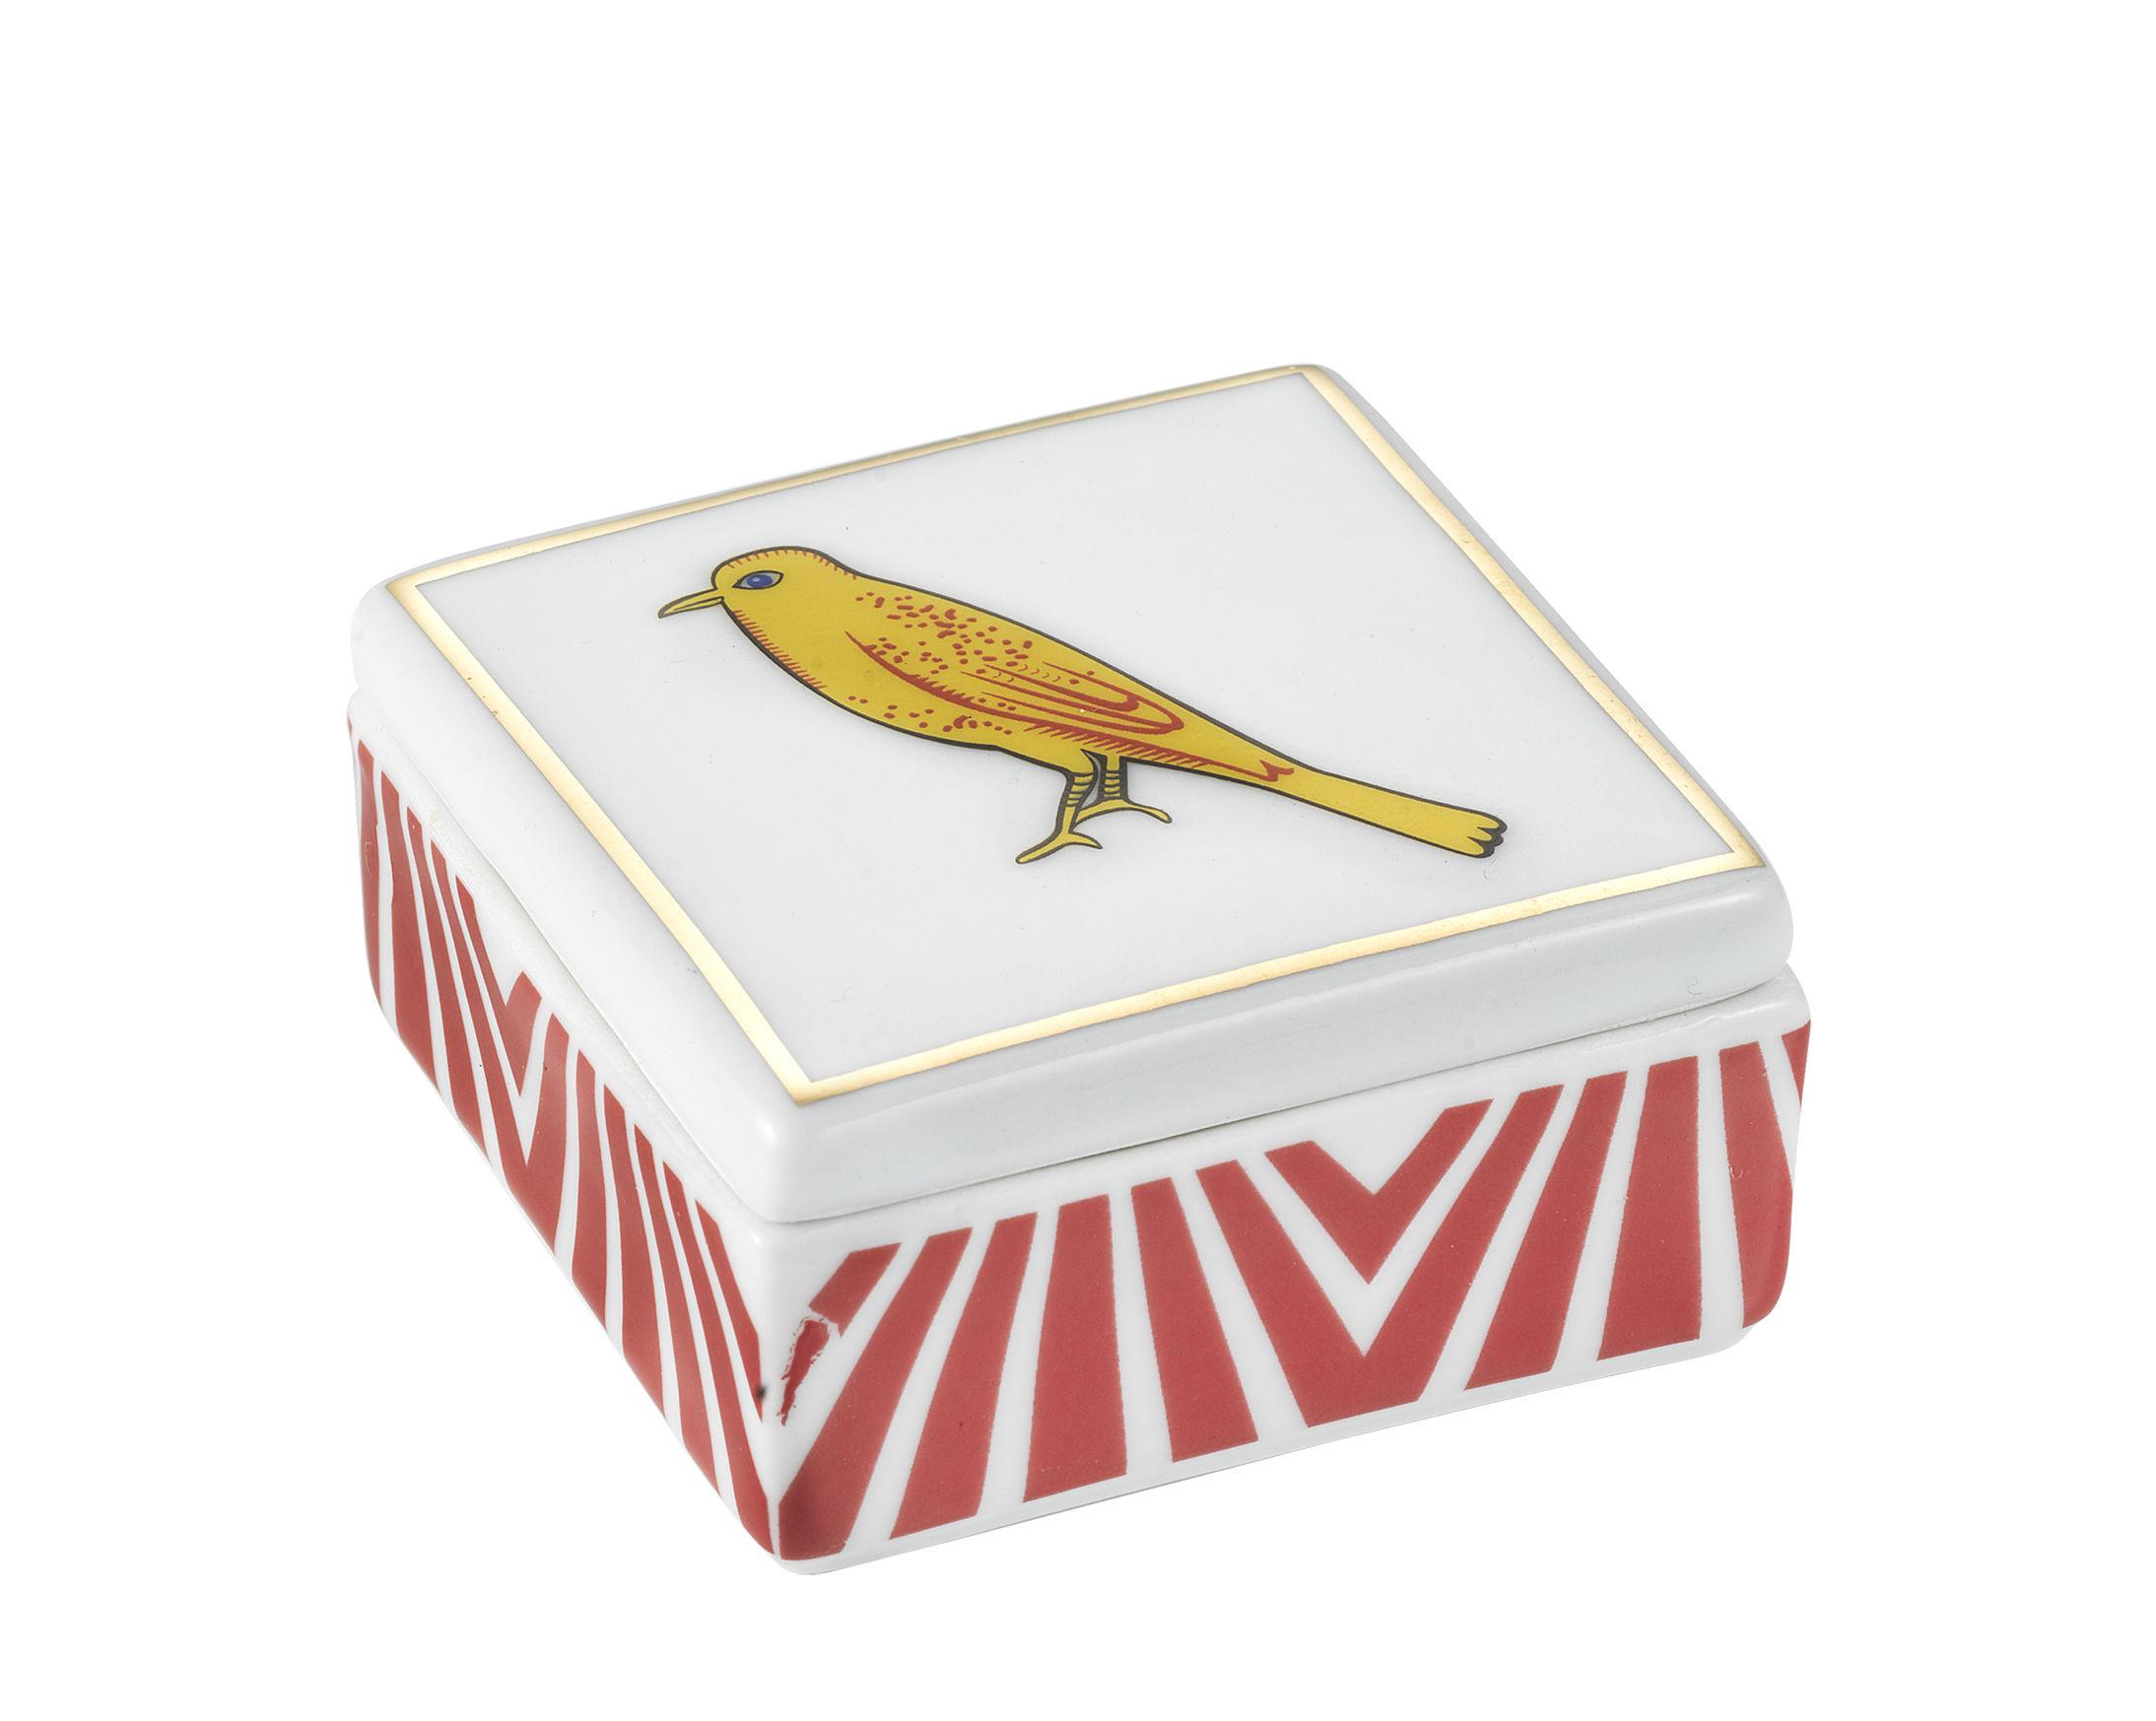 Déco - Boîtes déco - Boîte Bel Paese - Uccellino / Porcelaine - 6 x 6 cm - Bitossi Home - Oiseau - Porcelaine